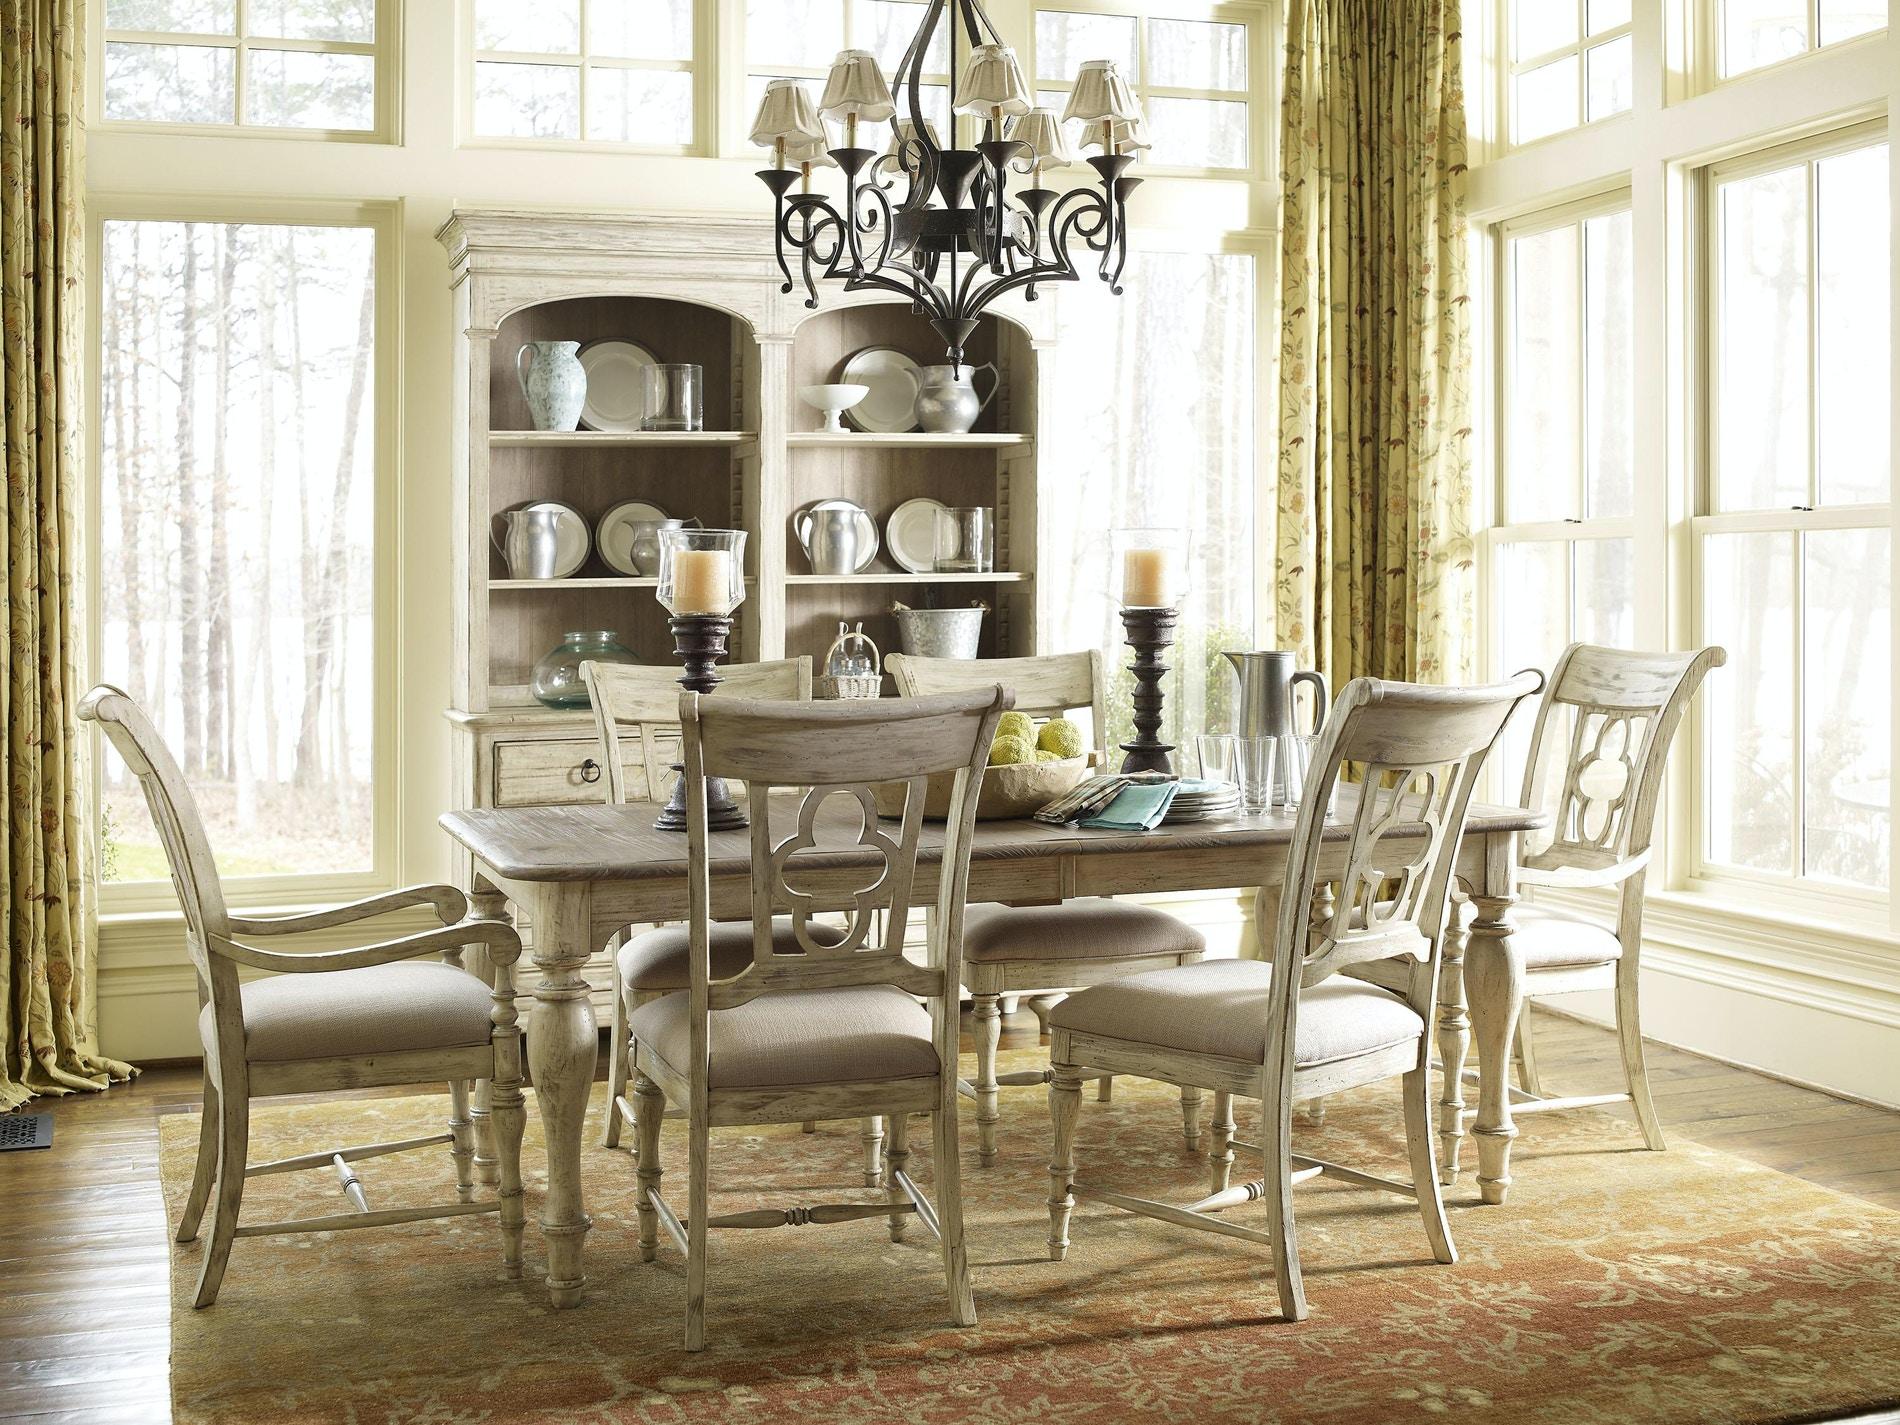 Kincaid Furniture Weatherford Dining Set 176447